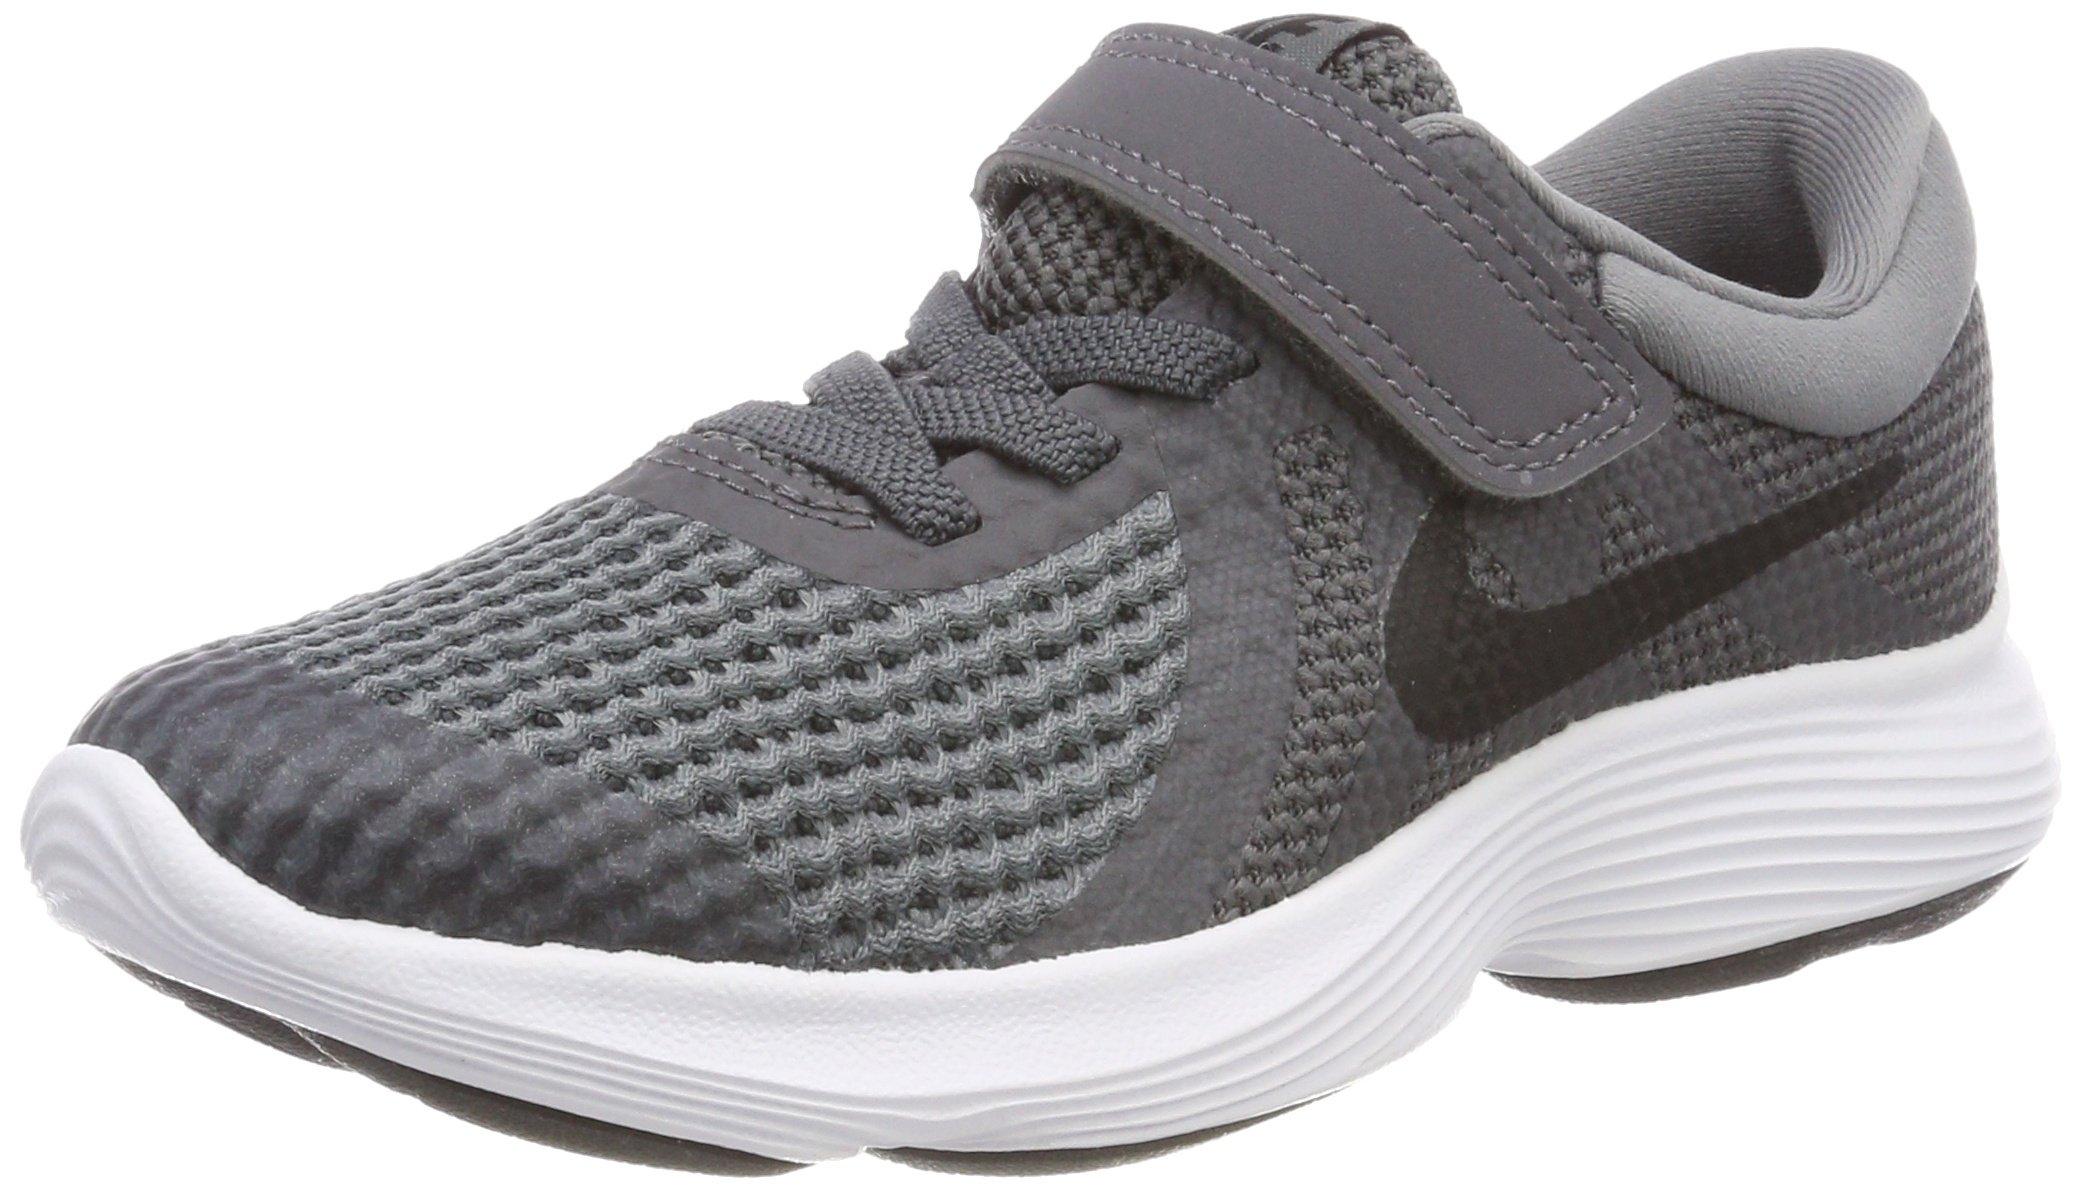 Nike Boys' Revolution 4 (PSV) Running Shoe, Dark Black-Cool Grey-White, 11.5C Regular US Little Kid by Nike